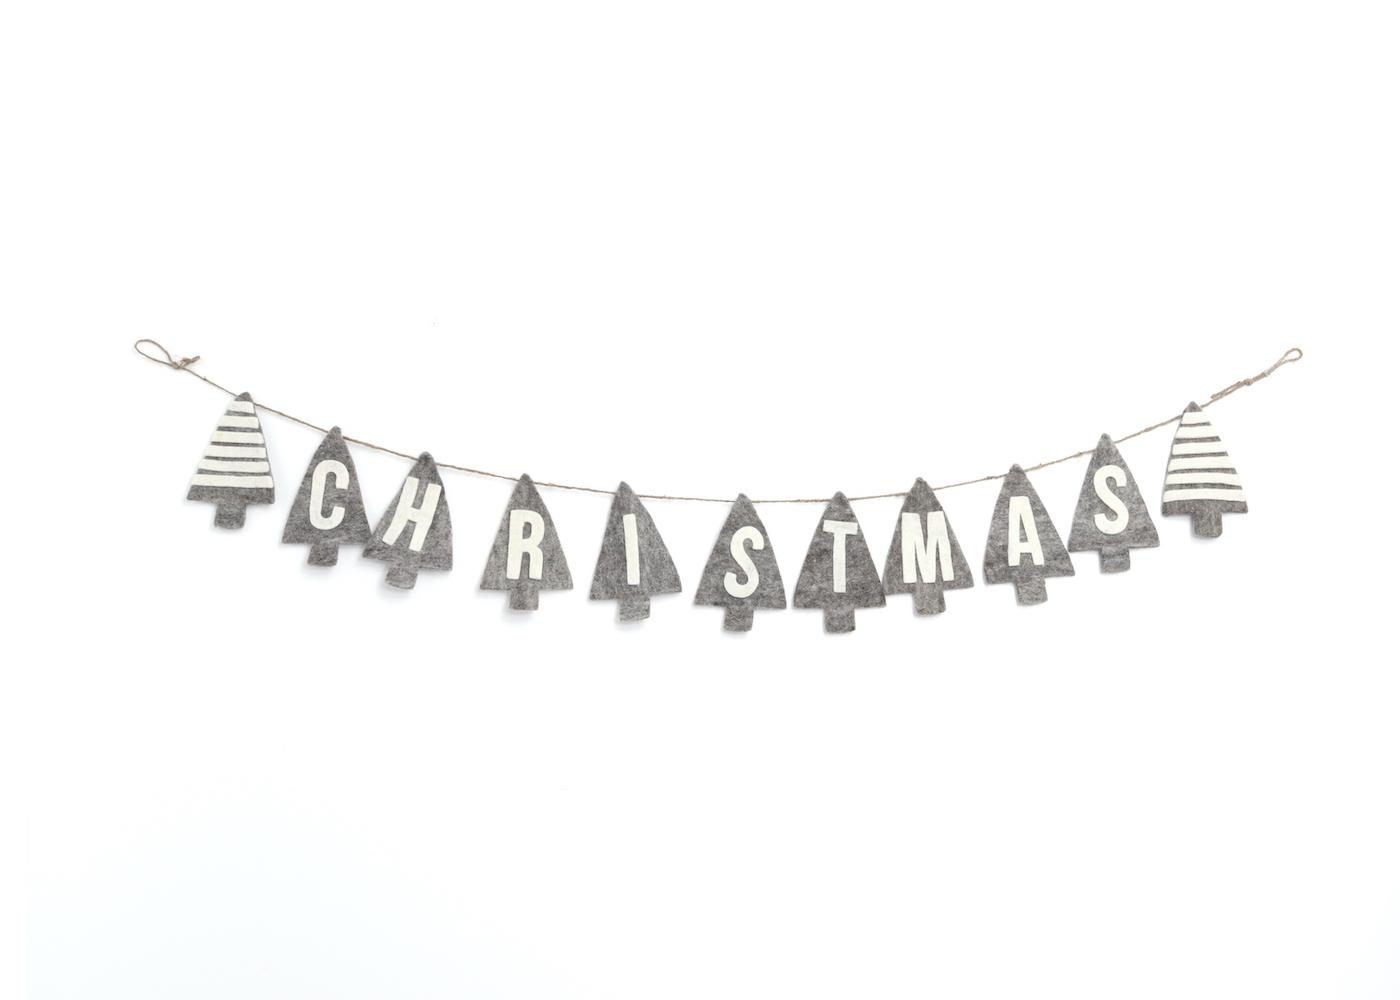 値引き 温かみのあるウールフェルトをひとつひとつ心をこめて手作りしたクリスマス オーナメント達 merry ツリーガーラント 限定モデル ウール100% カラー:GREY